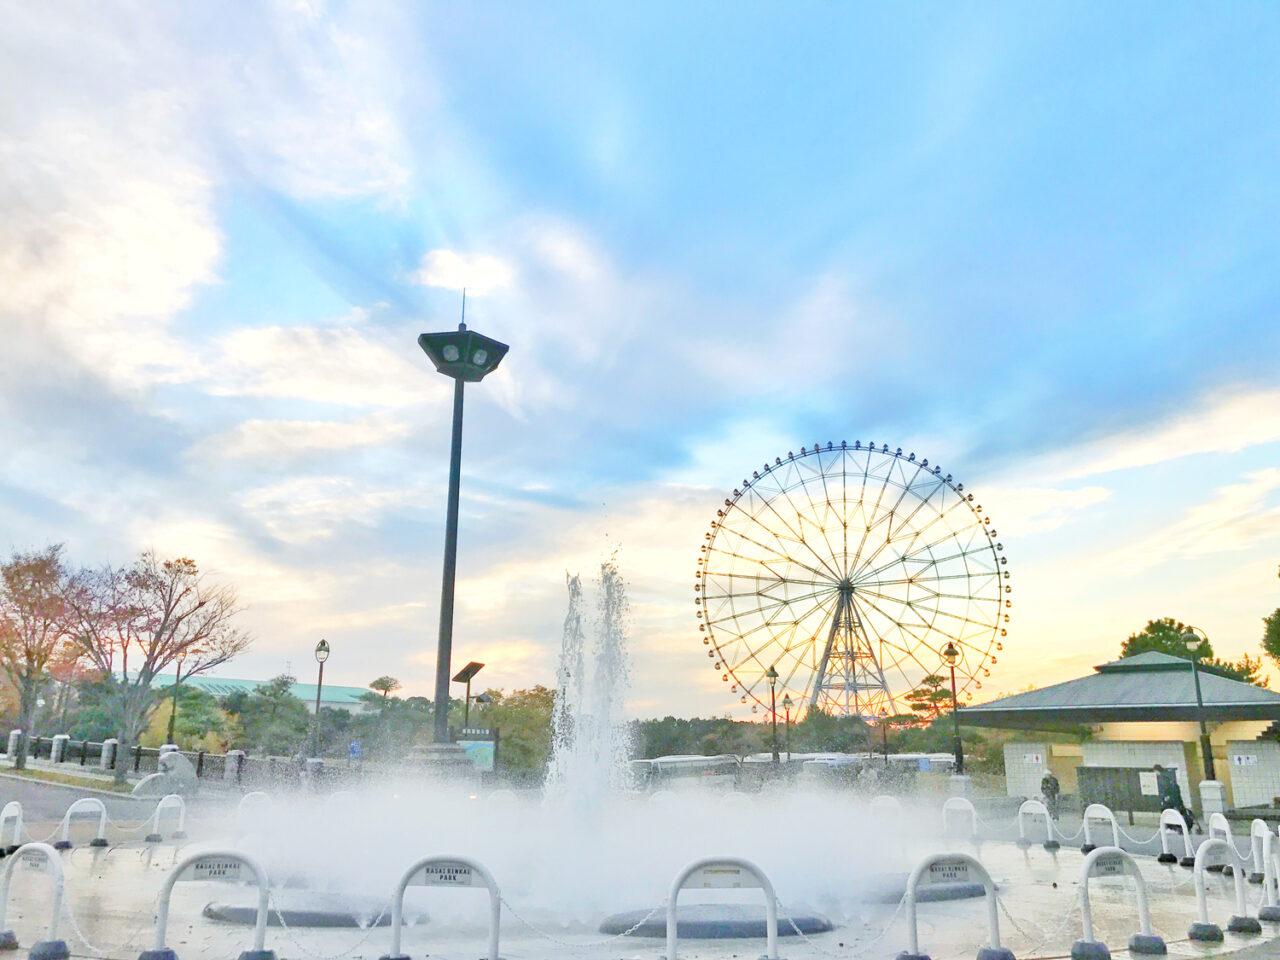 忙しかった平日、休日はゆっくりしよ。都内にある公園デートスポットをご紹介